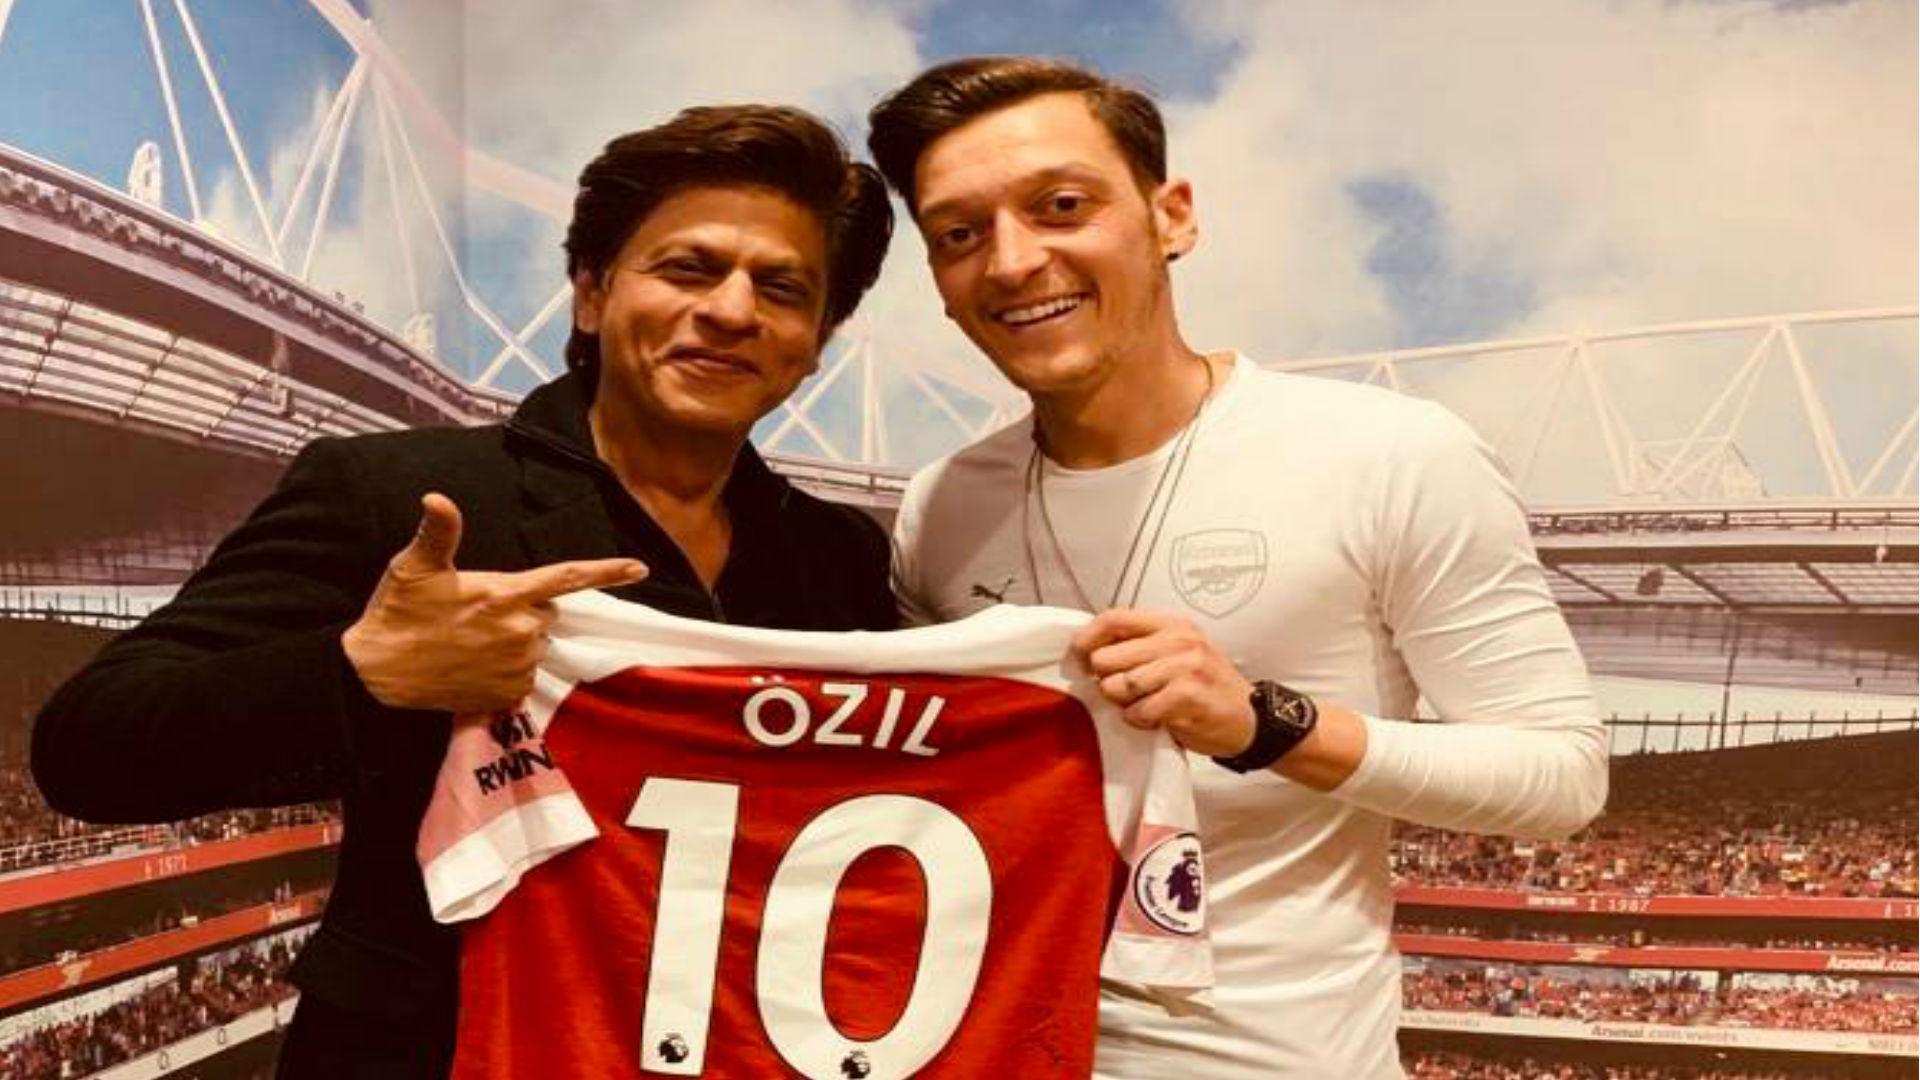 शाहरुख खान का दीवाना है ये मशहूर फुटबॉलर, मैच दिखाने के लिए बुलाया लंदन, देखिए ये तस्वीरें